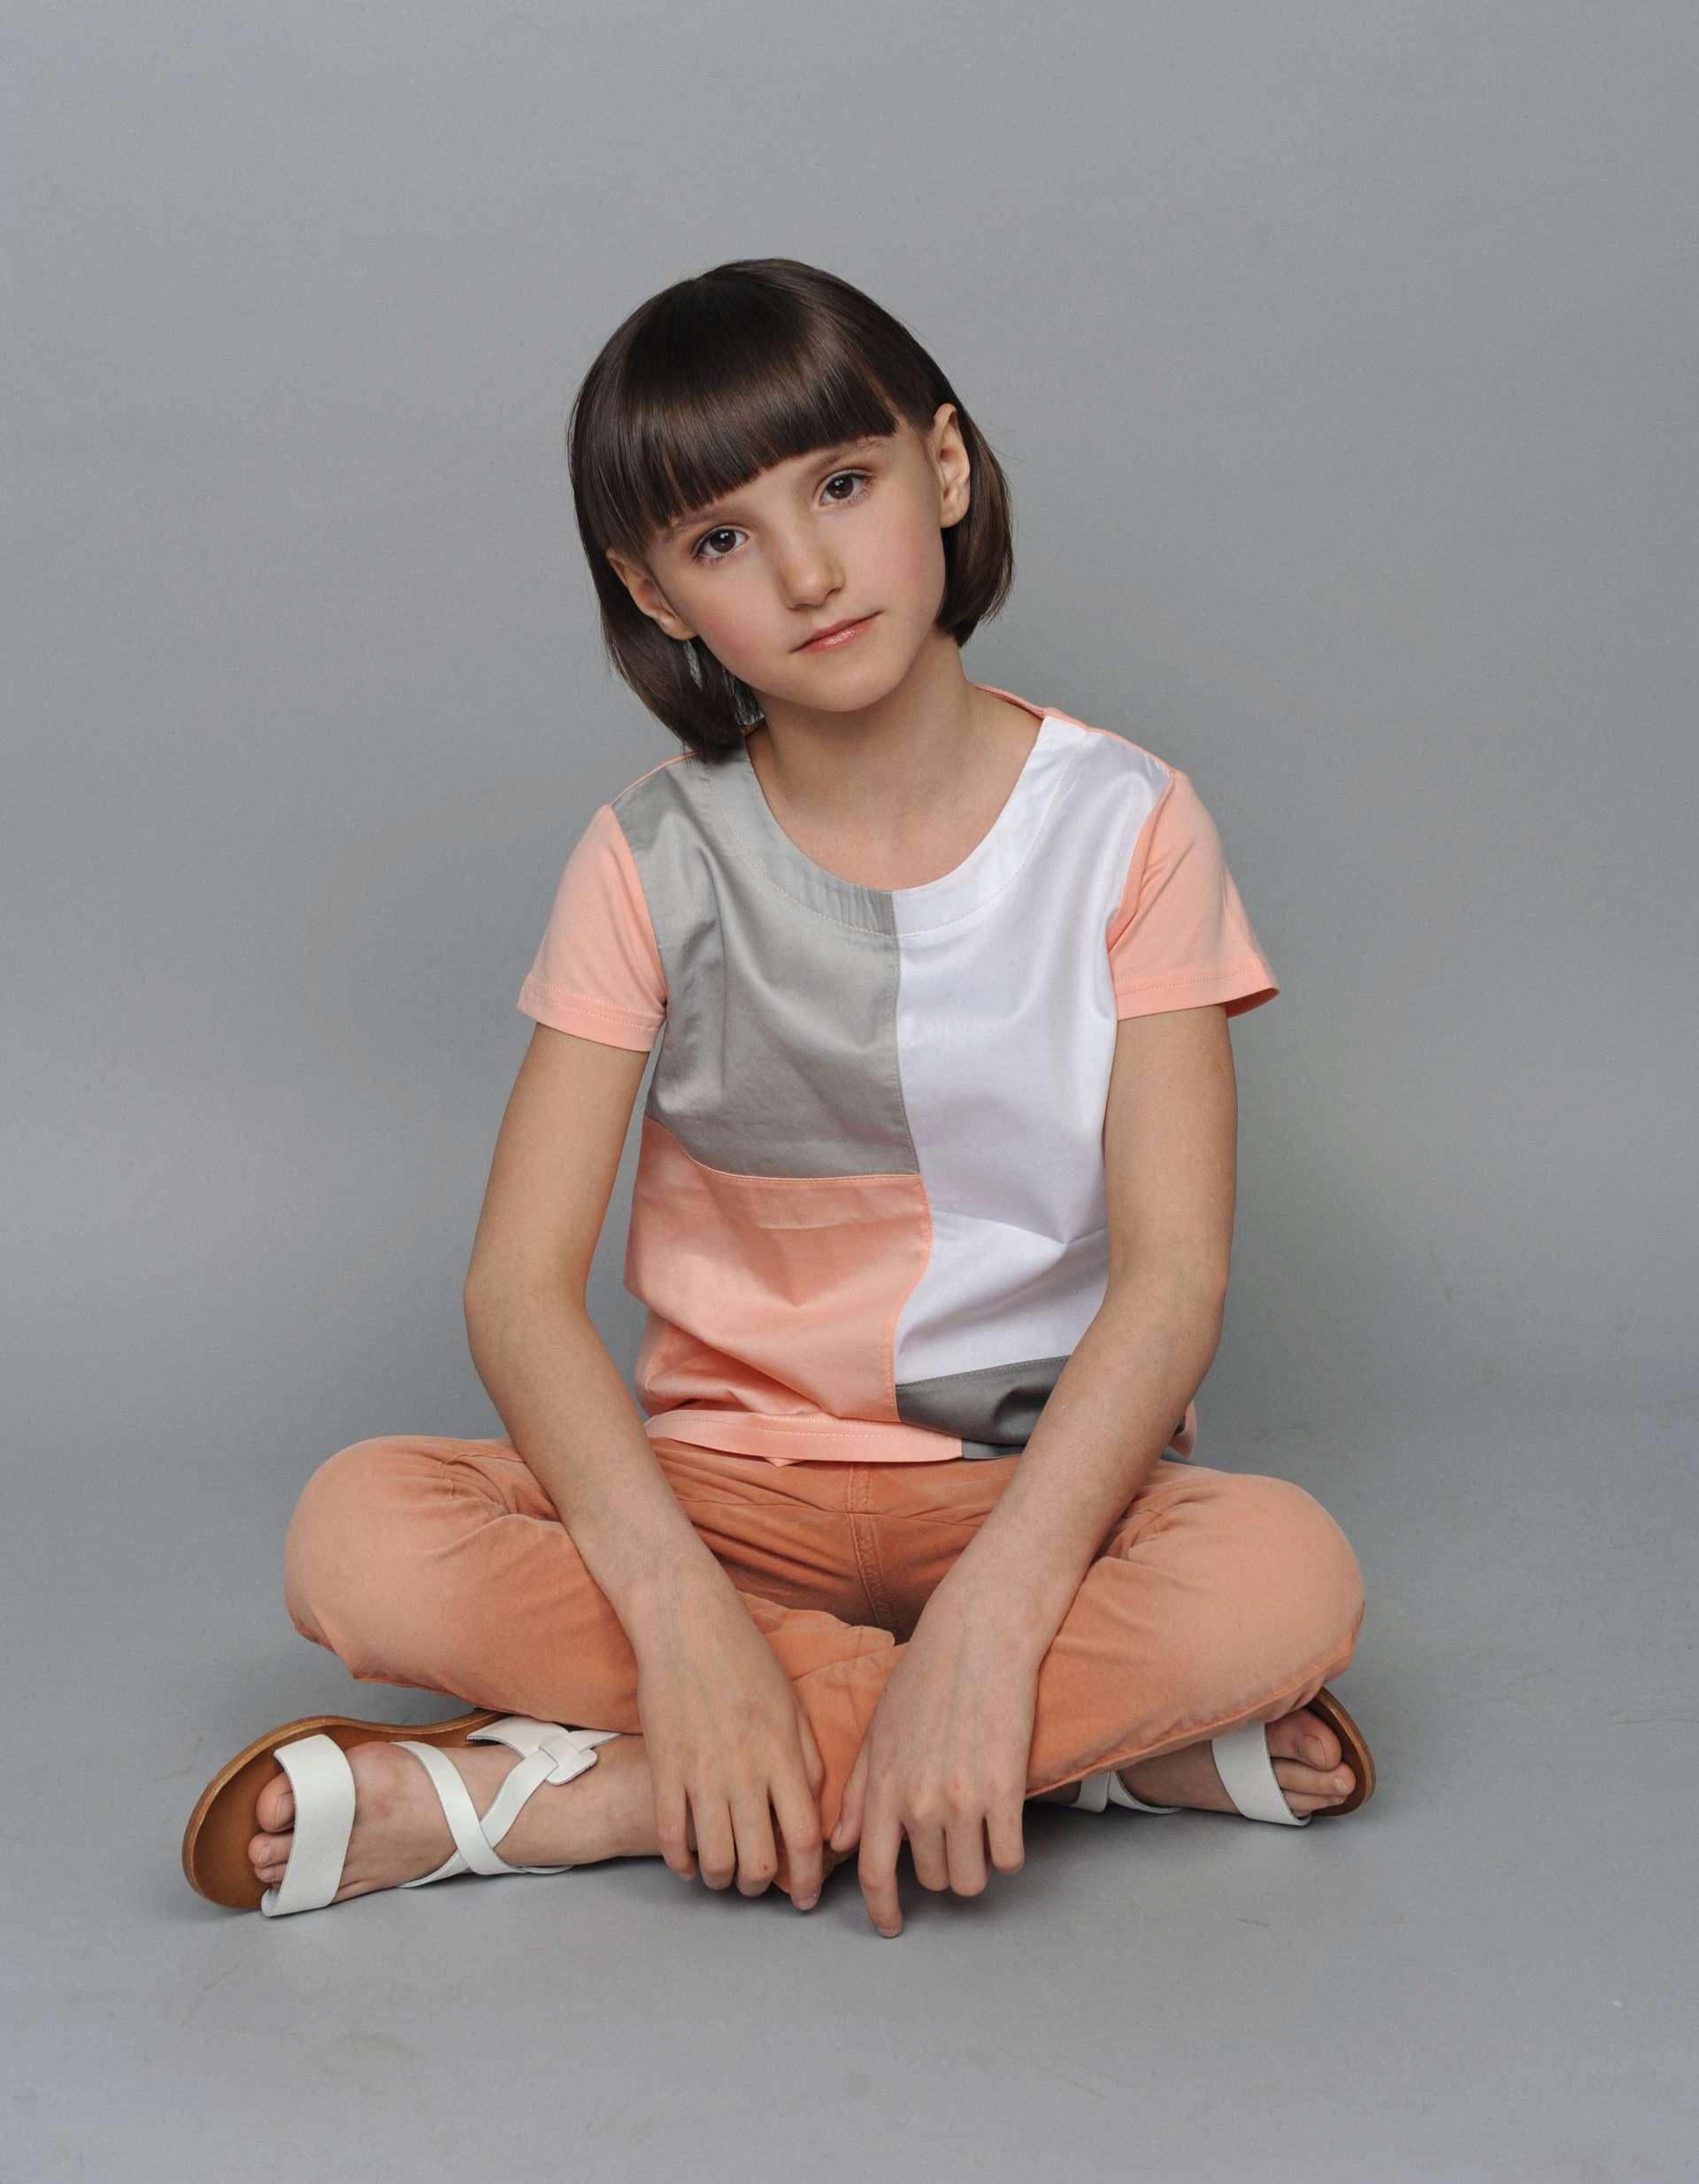 Отправить фото ребенка в модельное агентство от 0 лет